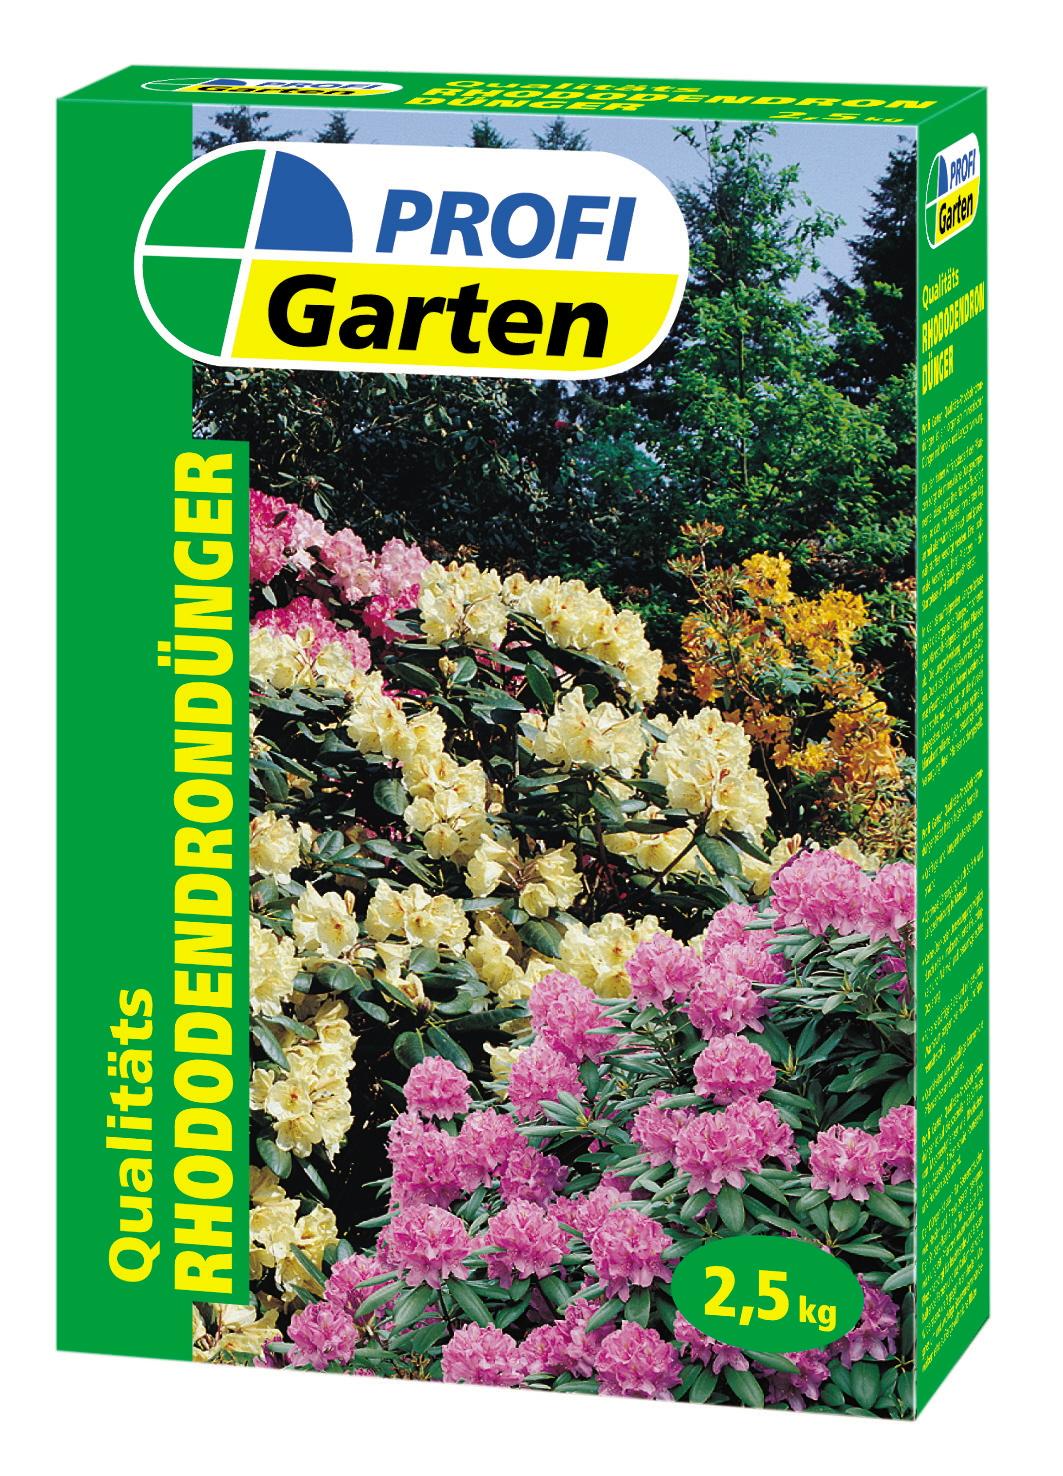 profi rhododendrond nger 2 5 kg rasend nger d nger d ngen erden mulche garten. Black Bedroom Furniture Sets. Home Design Ideas